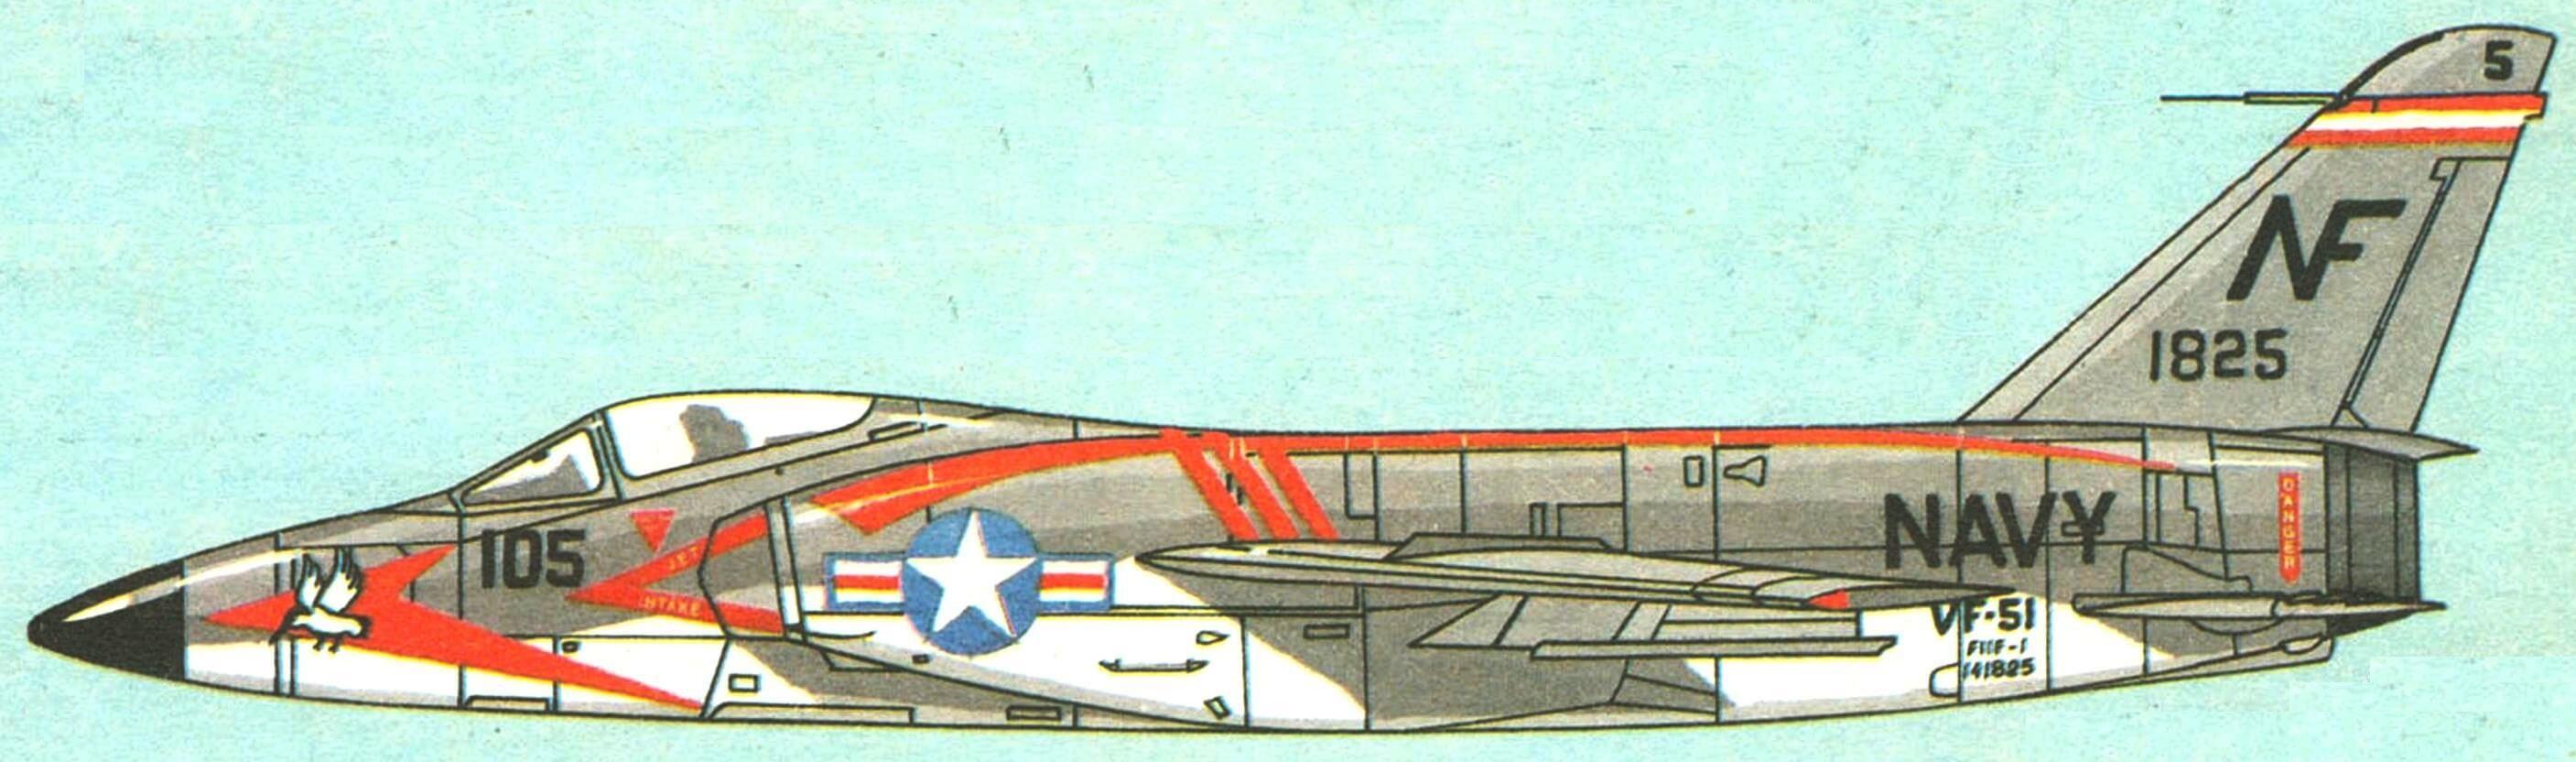 Самолет эскадрильи VF-51, авианосец «Ranger», 1958 г.